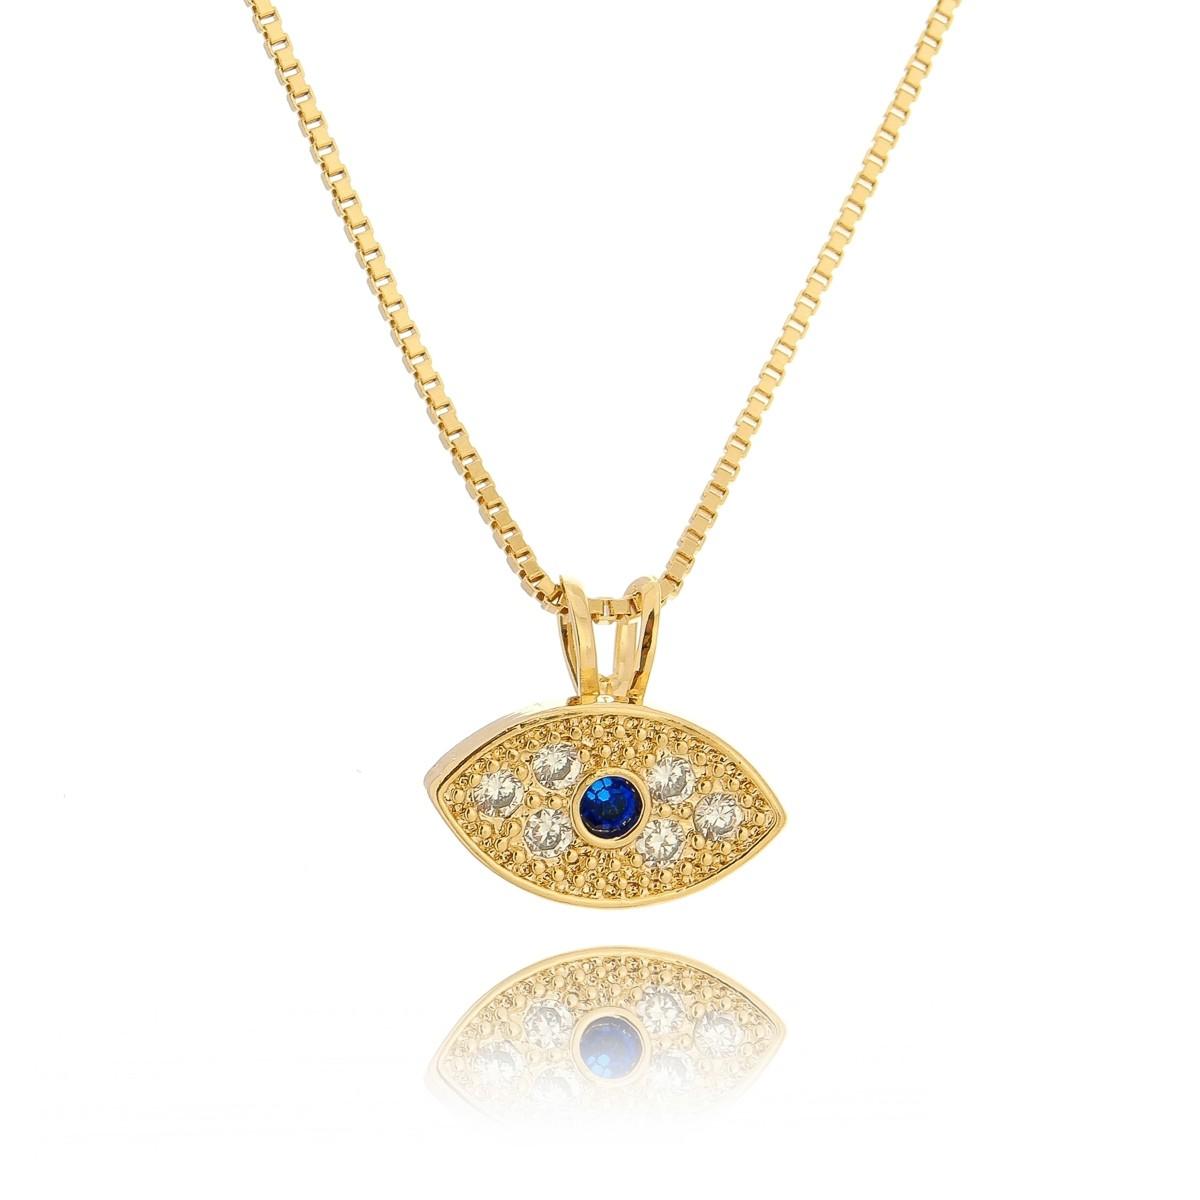 Colar com Pingente Olho Grego Semijoia em Ouro 18K com Zircônias Branca e Azul  - SOLOYOU